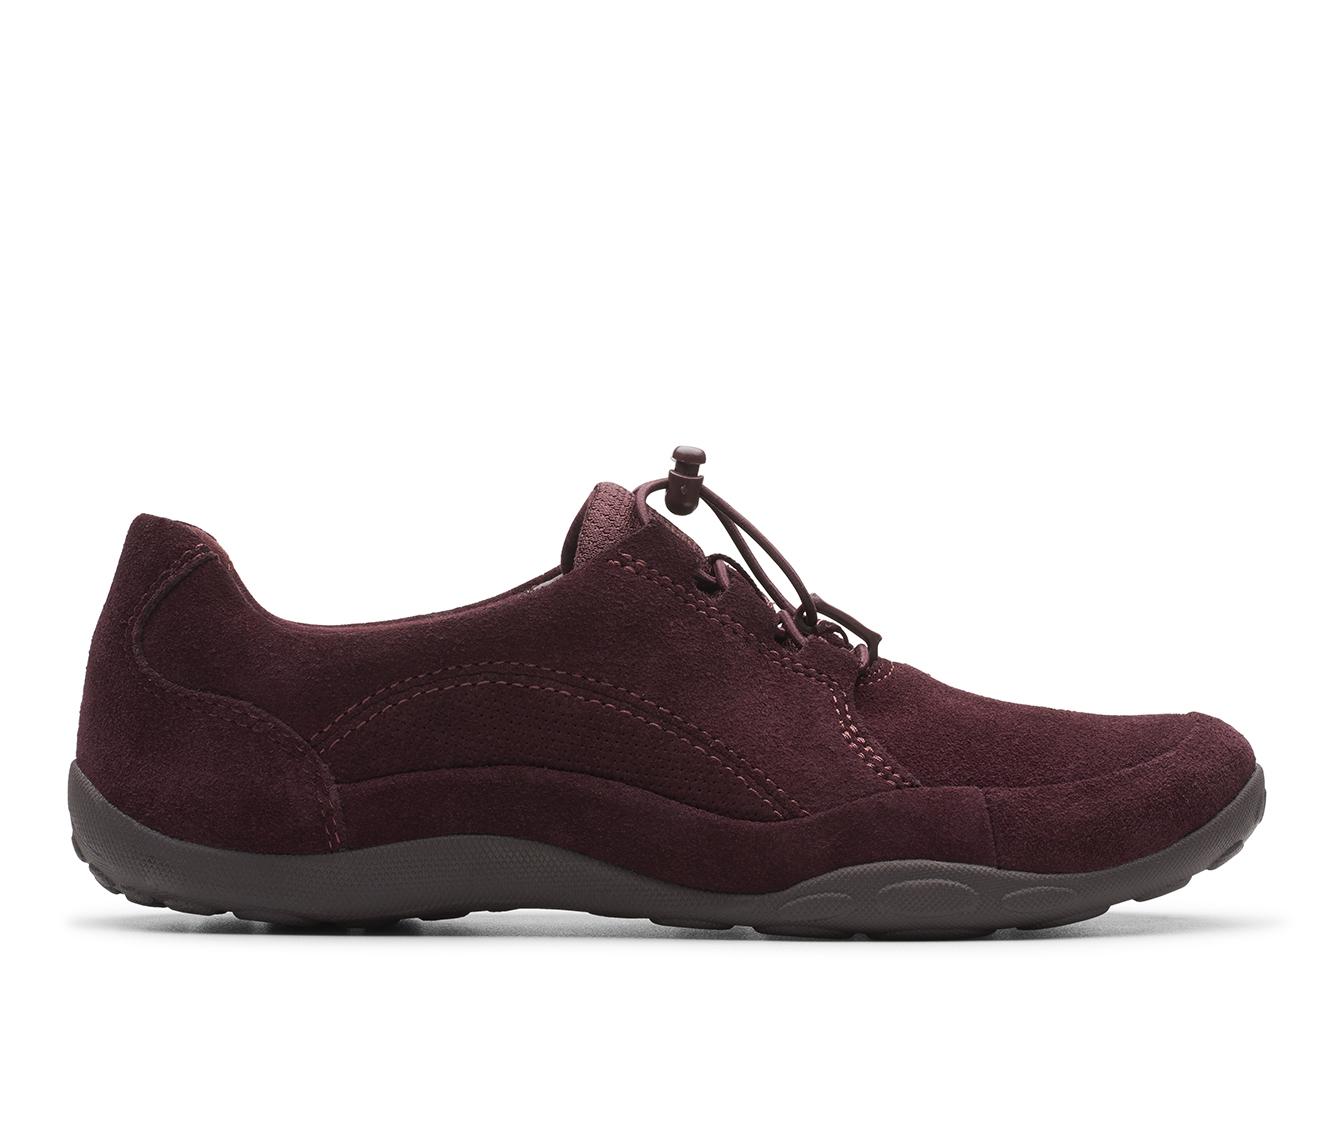 Clarks Haley Rhea Women's Shoe (Red Suede)